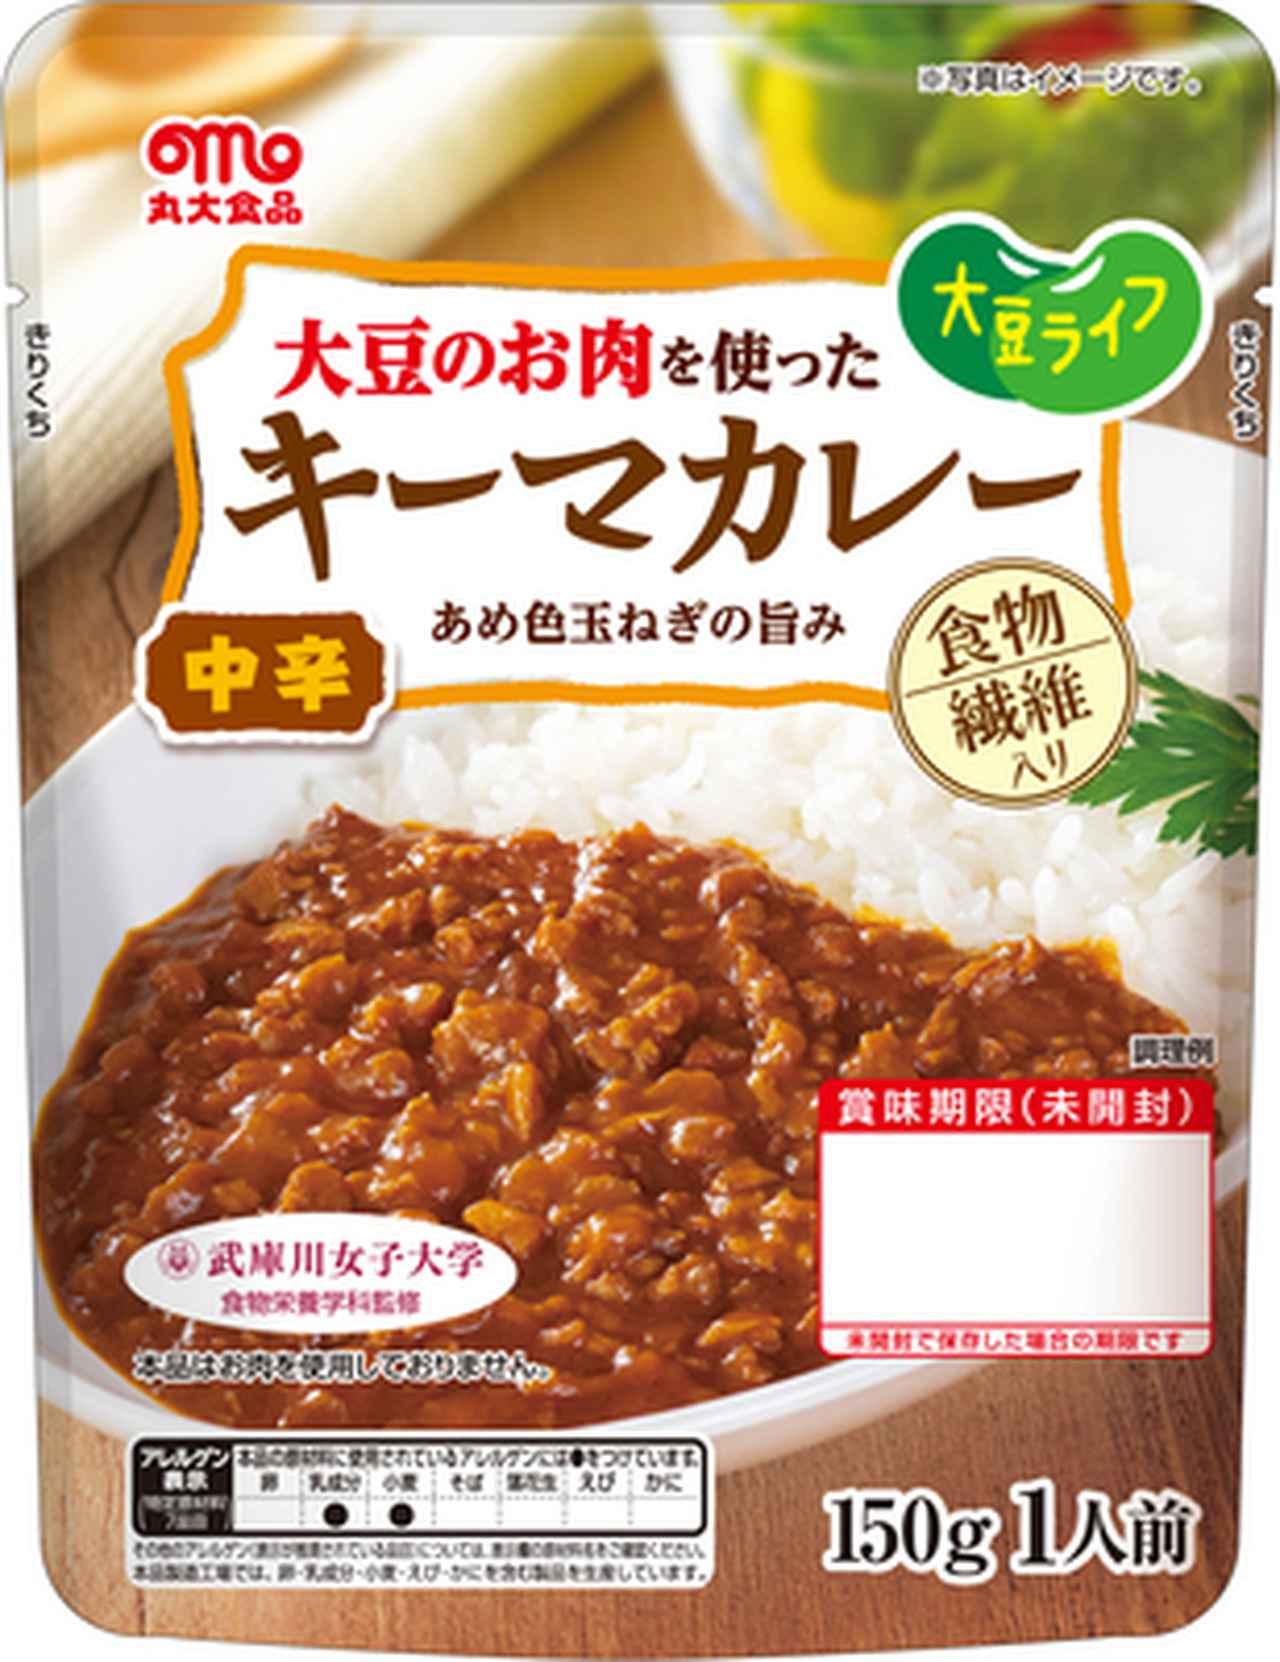 画像: 大豆のお肉を使ったキーマカレー